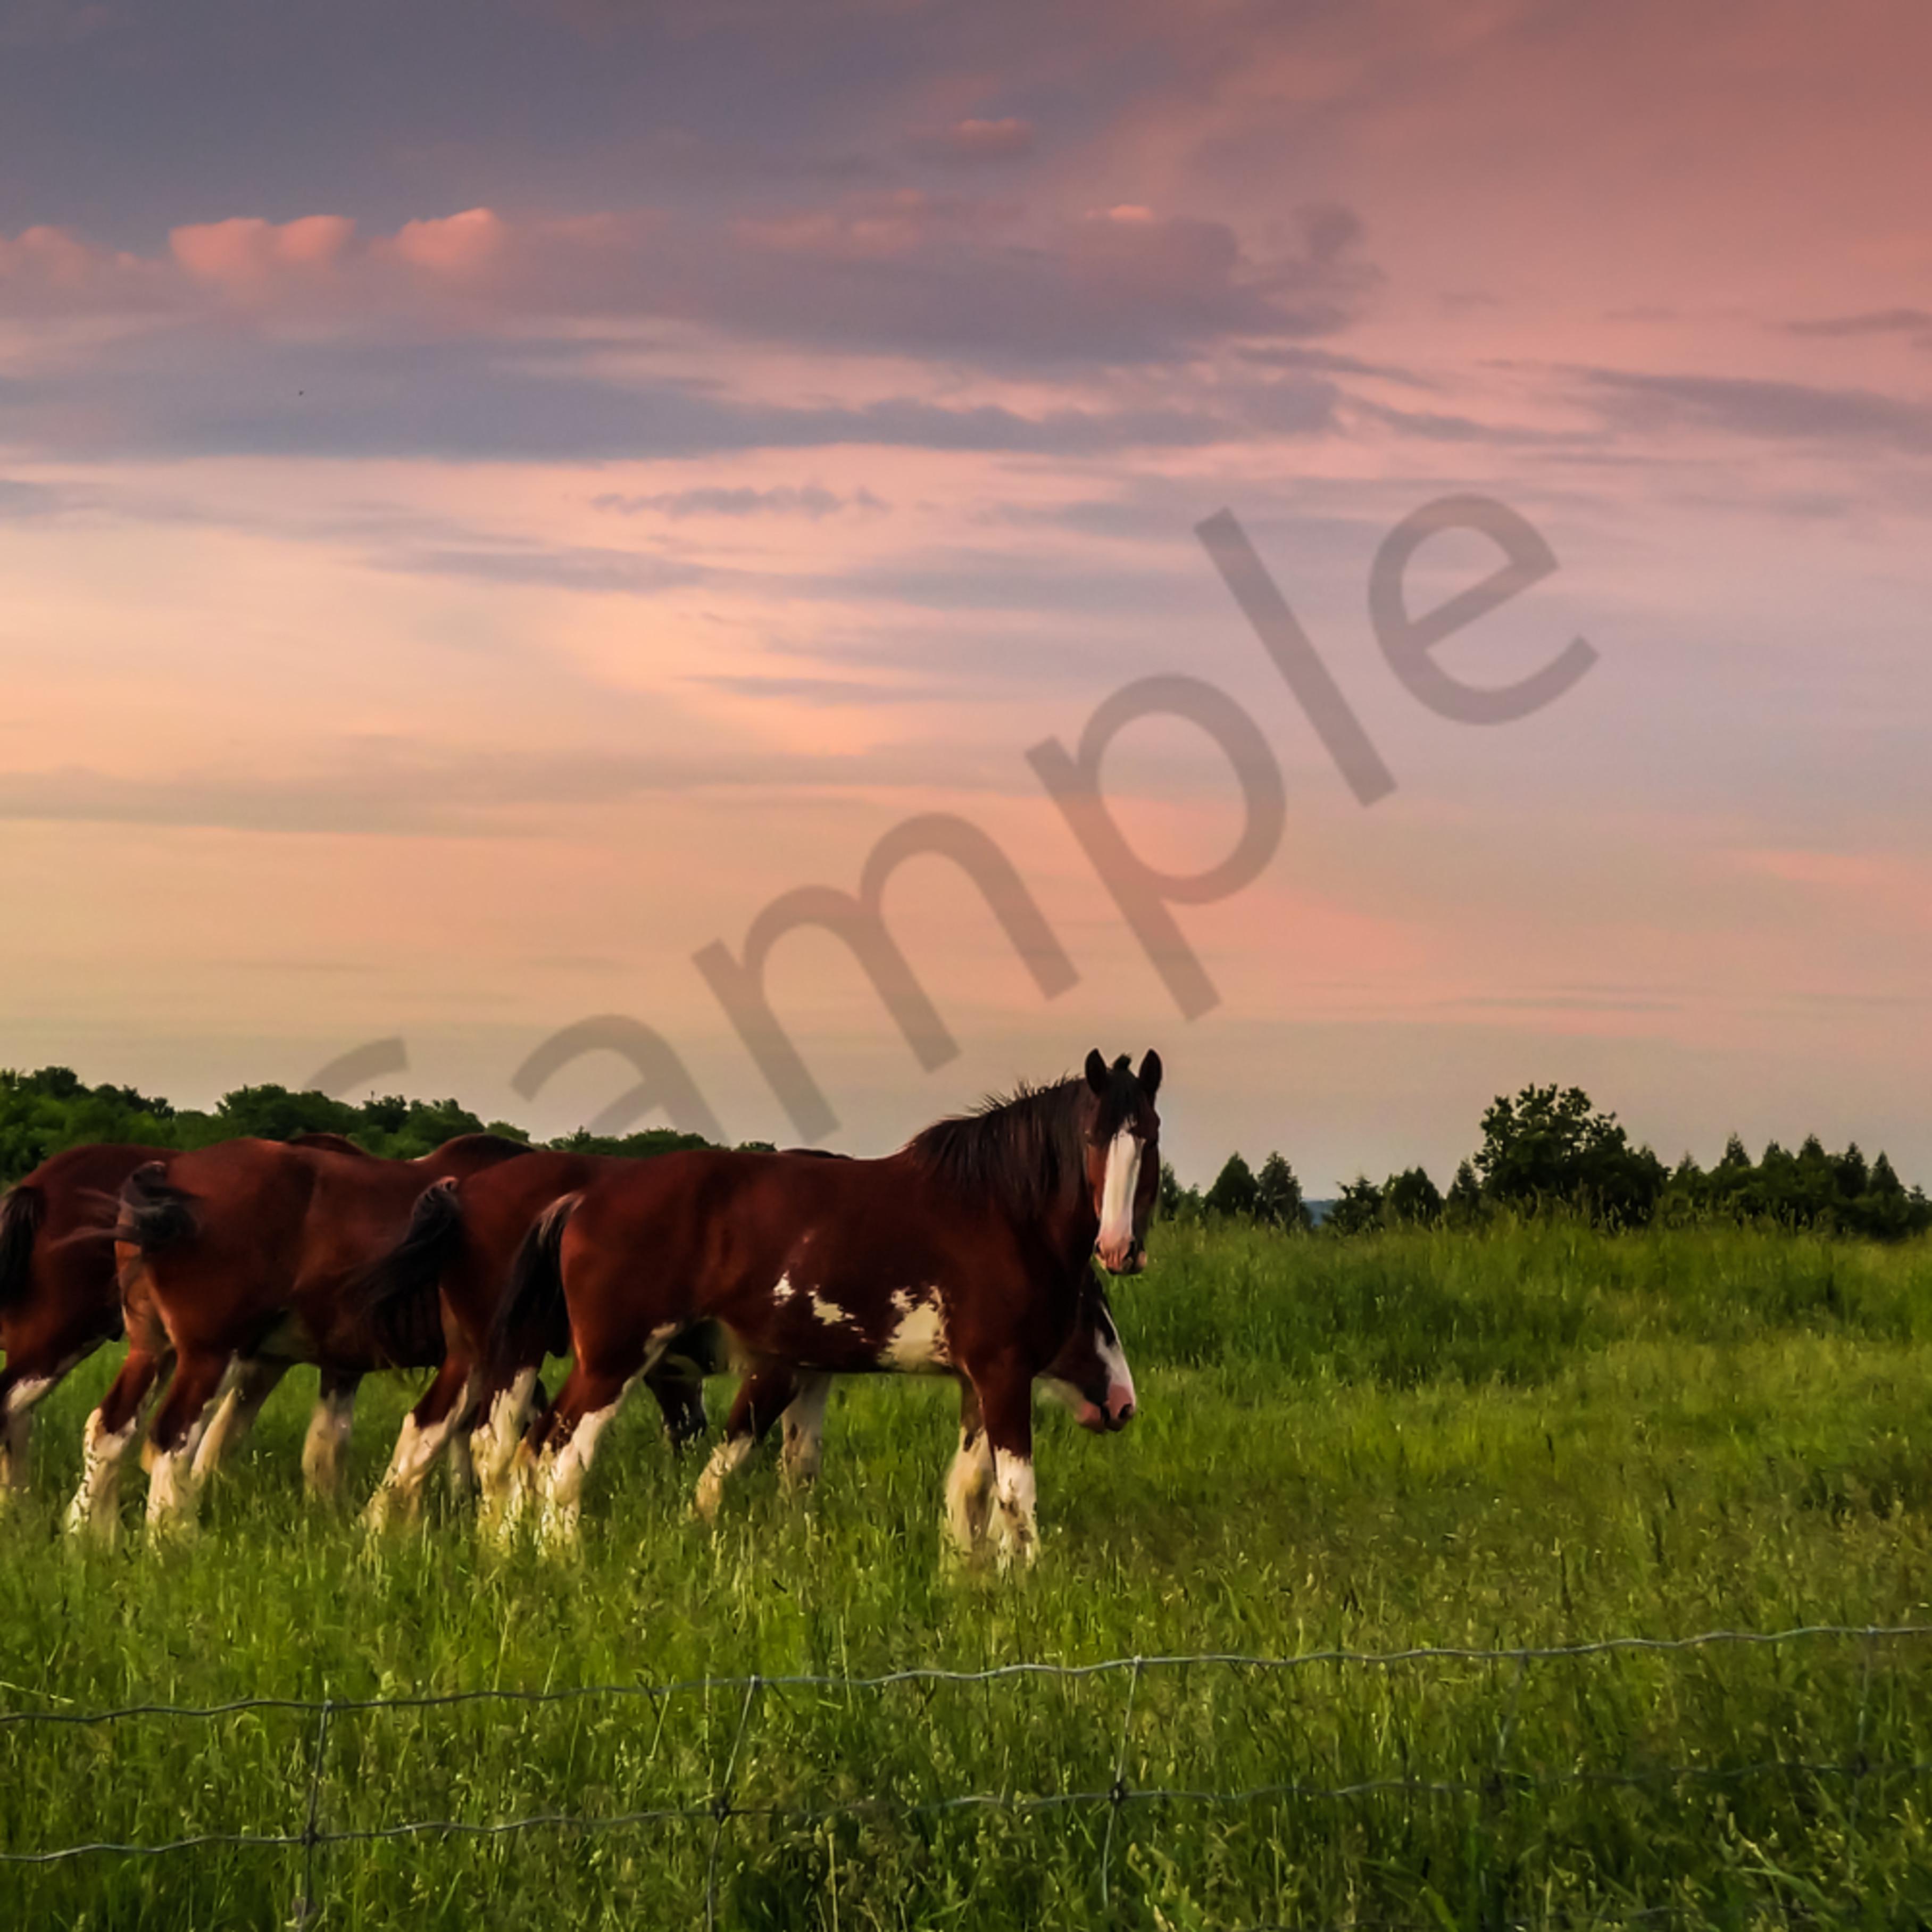 Sunset horses vtrpcd